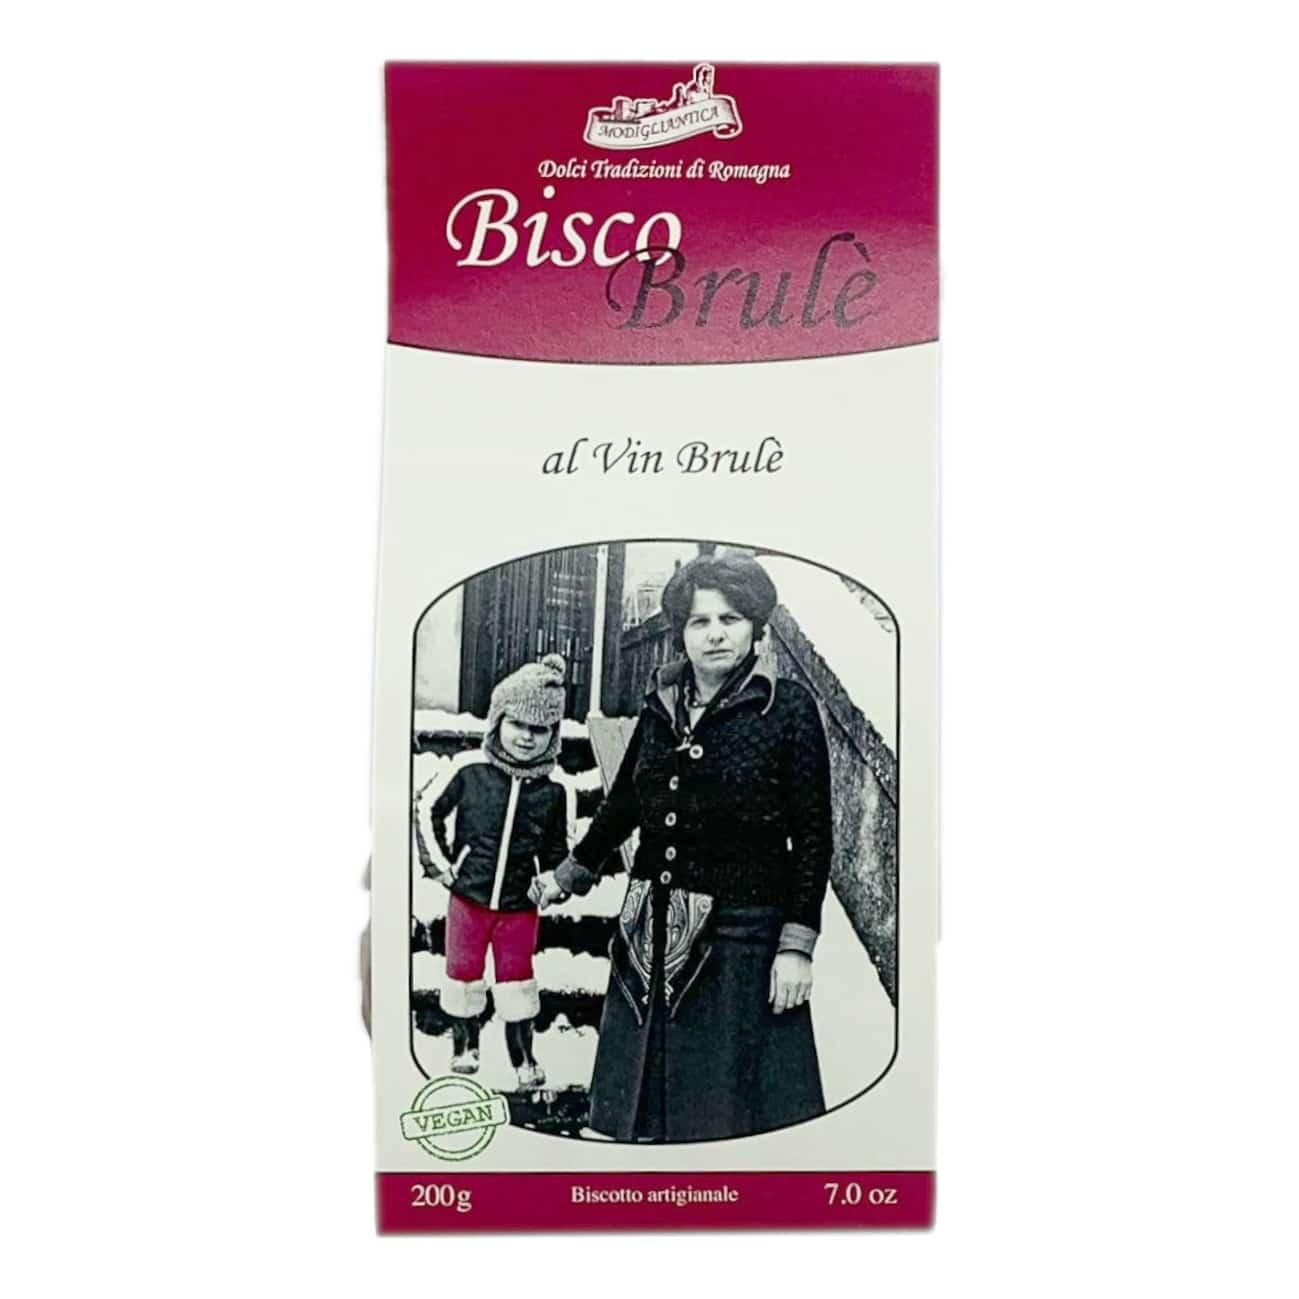 BISCO BRULÈ AL VIN BRULEÈ Biscotti VEGAN Modigliantica - prodotti tipici romagnoli